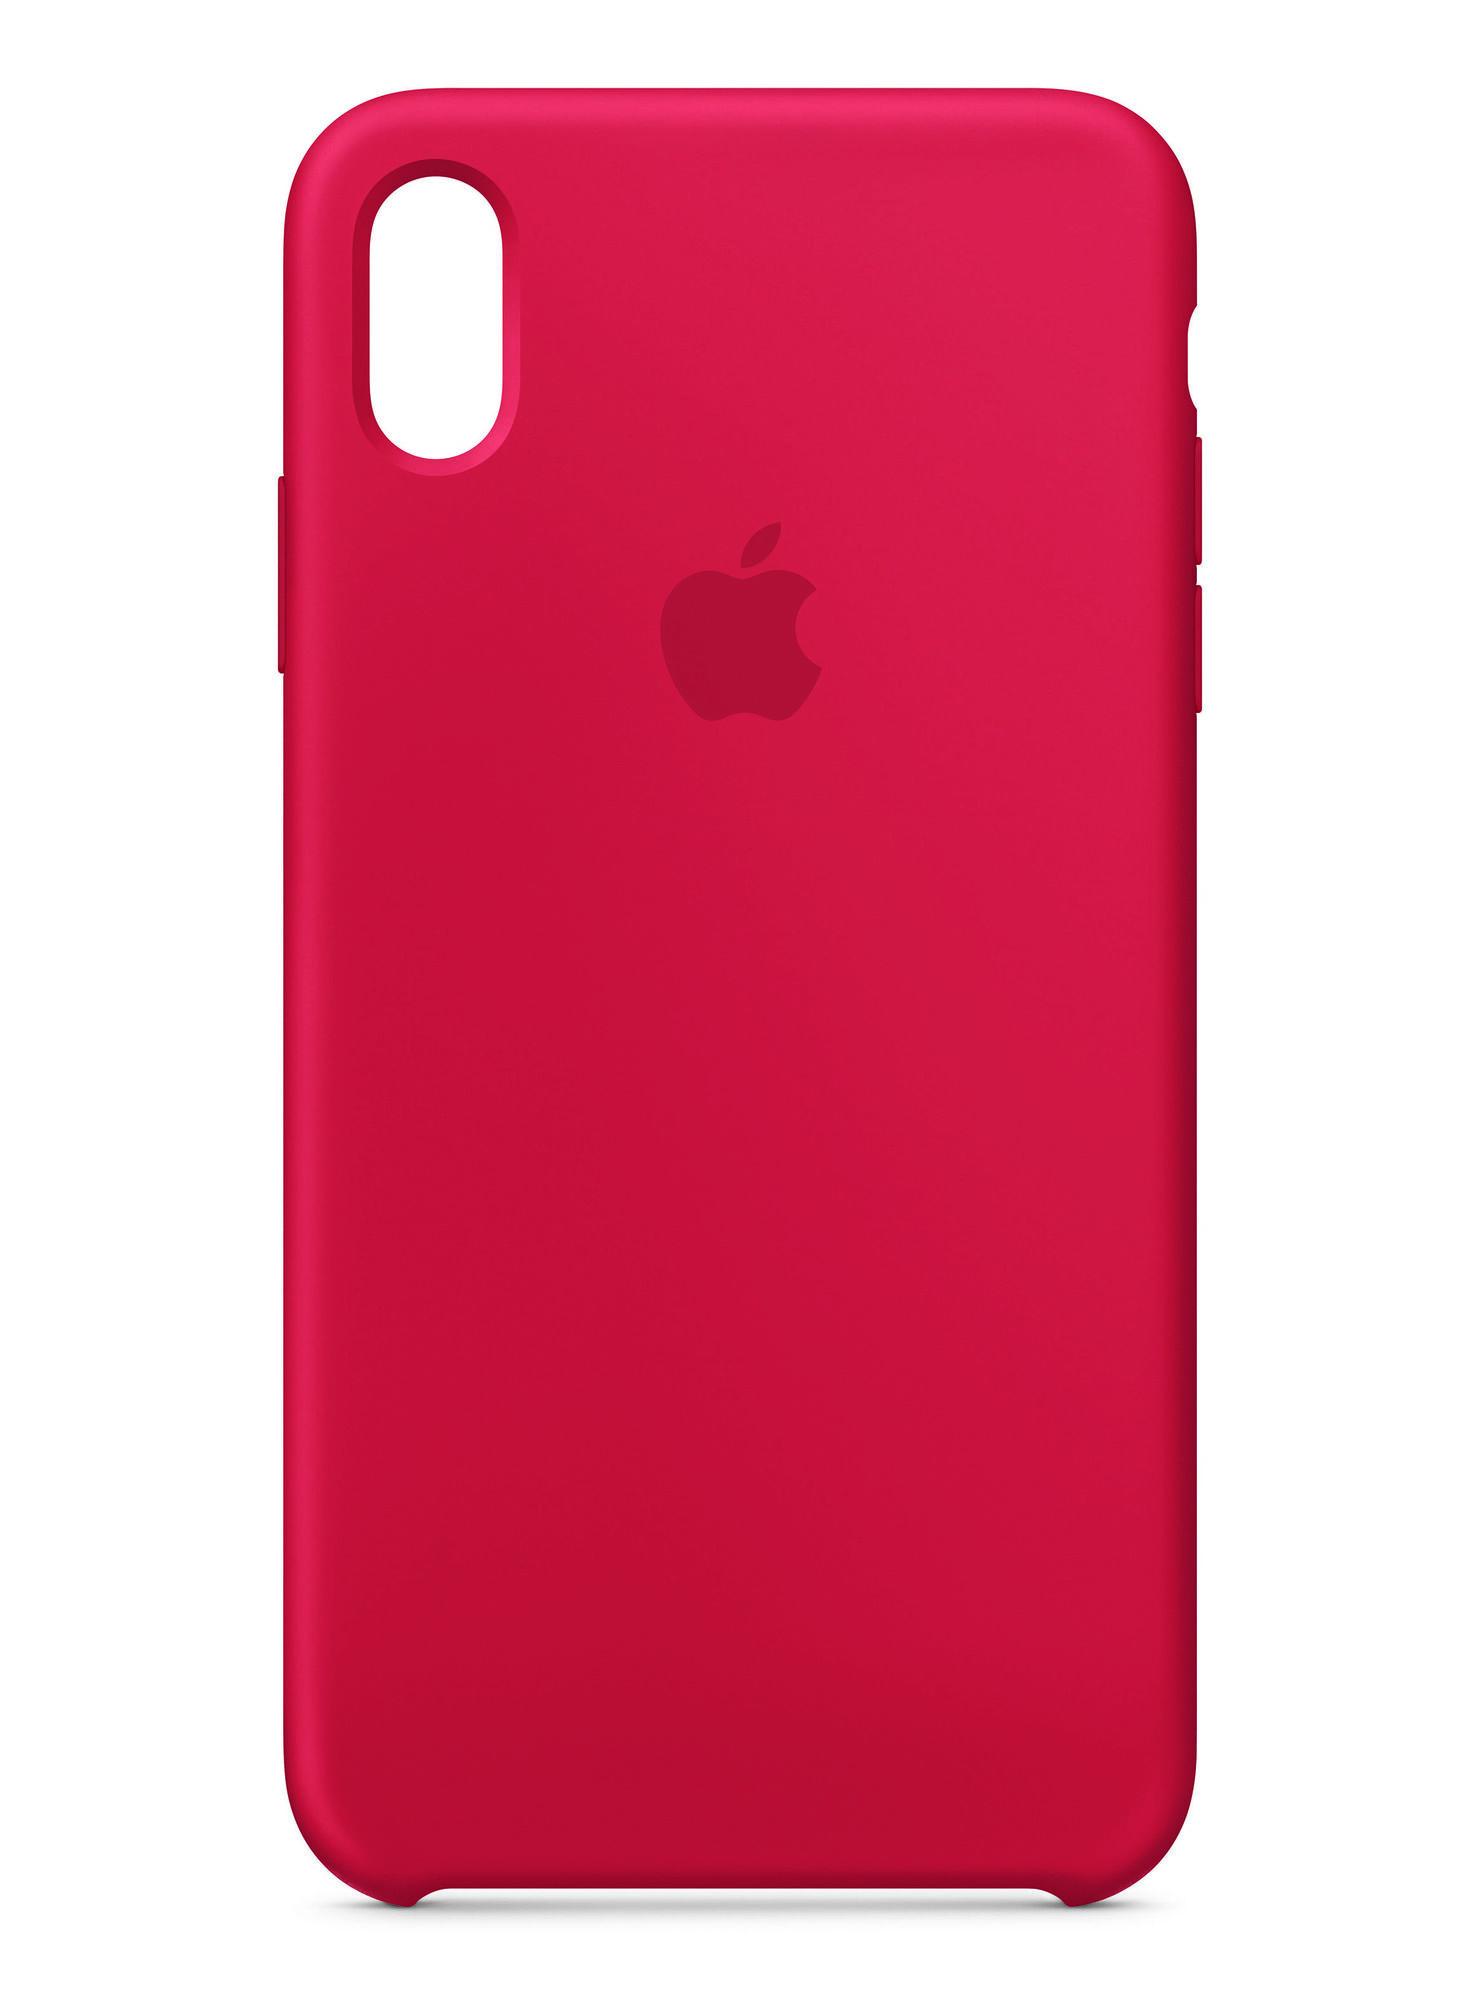 a51fdde7240 Carcasa Silicona Roja para iPhone XS Max Apple en Accesorios de ...